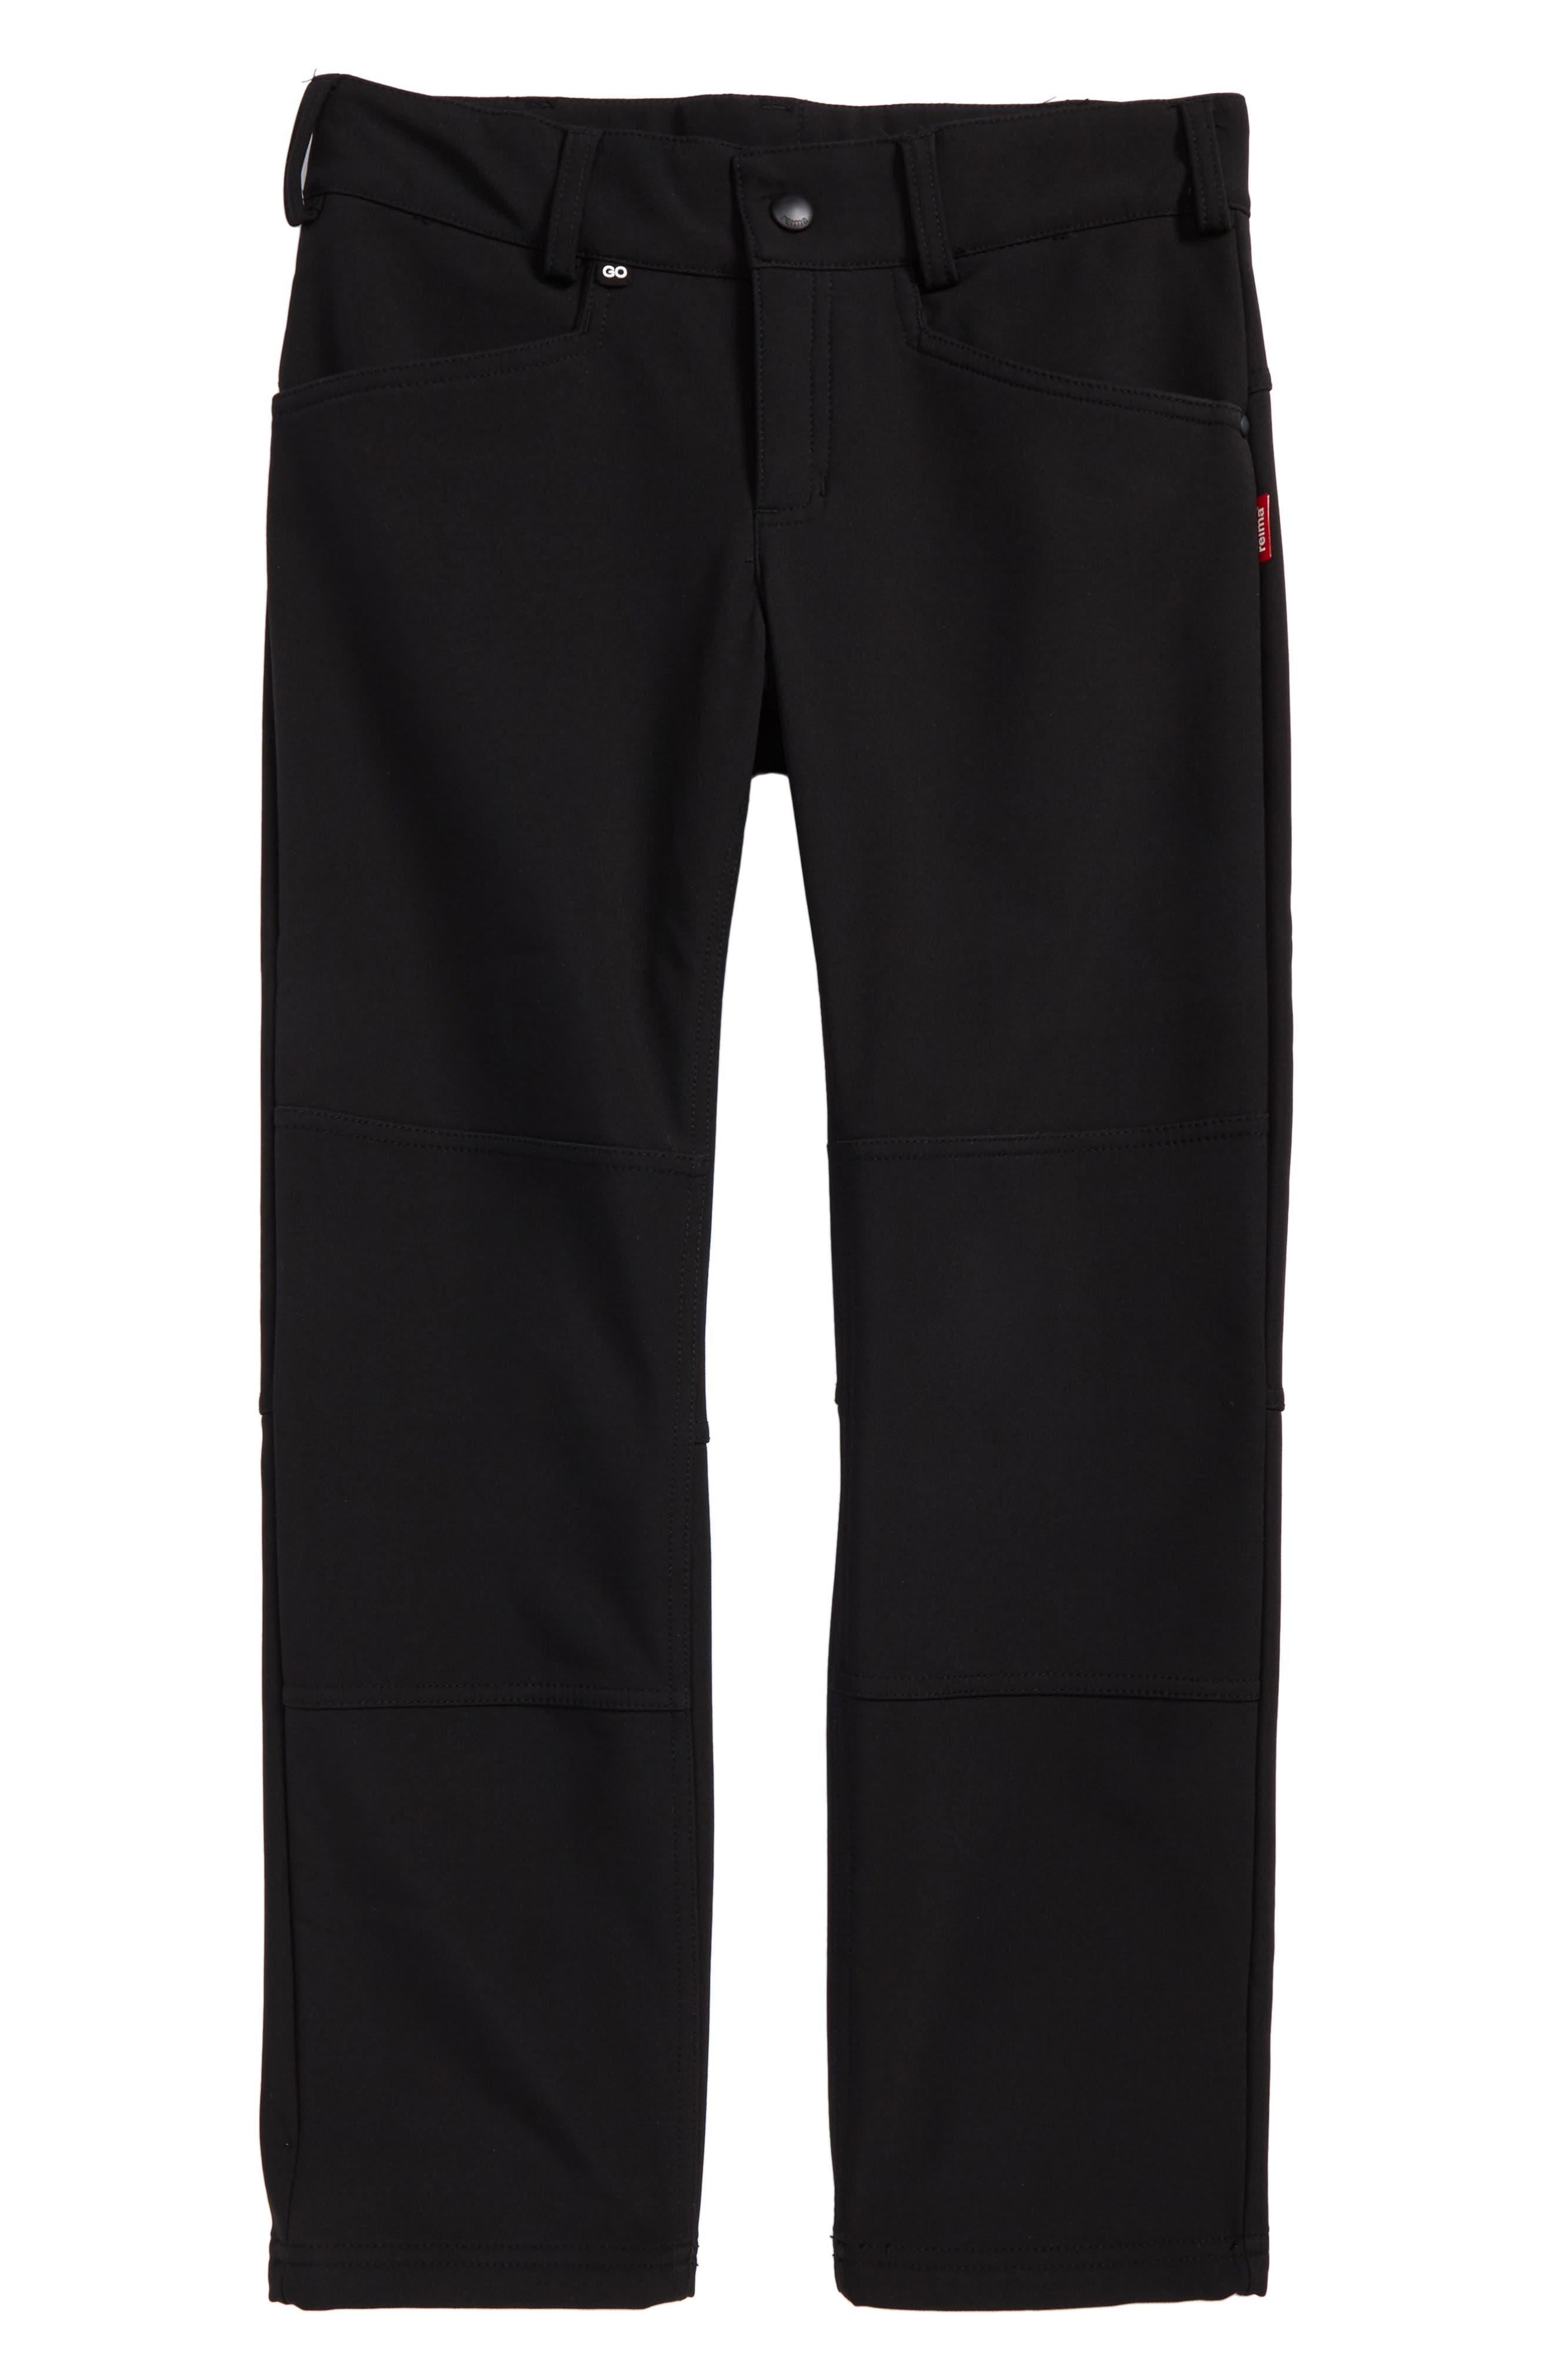 Mighty Softshell Pants,                             Main thumbnail 1, color,                             Black